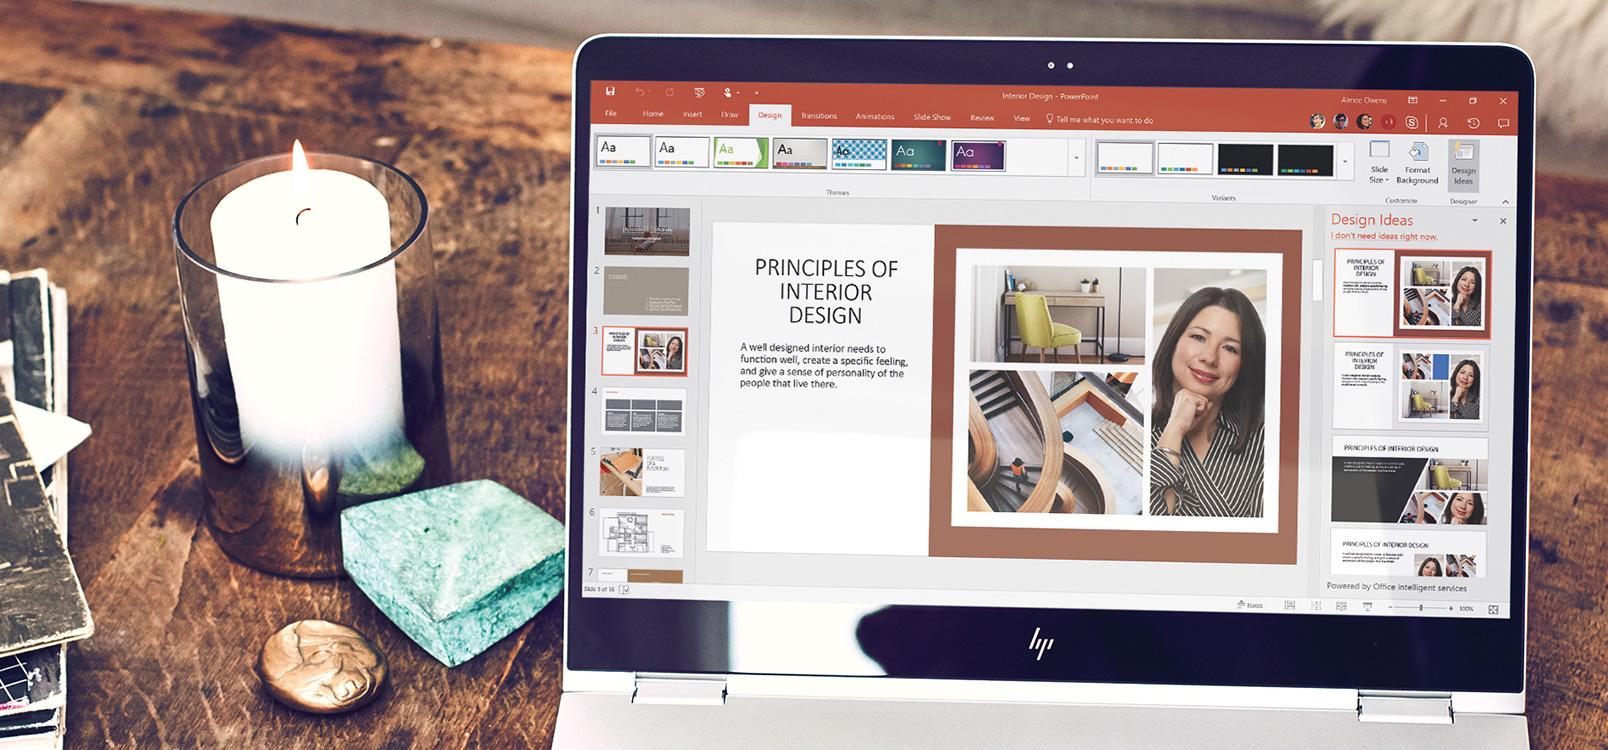 Ecrã de portátil a mostrar um documento do PowerPoint a utilizar a funcionalidade Estruturador do PowerPoint